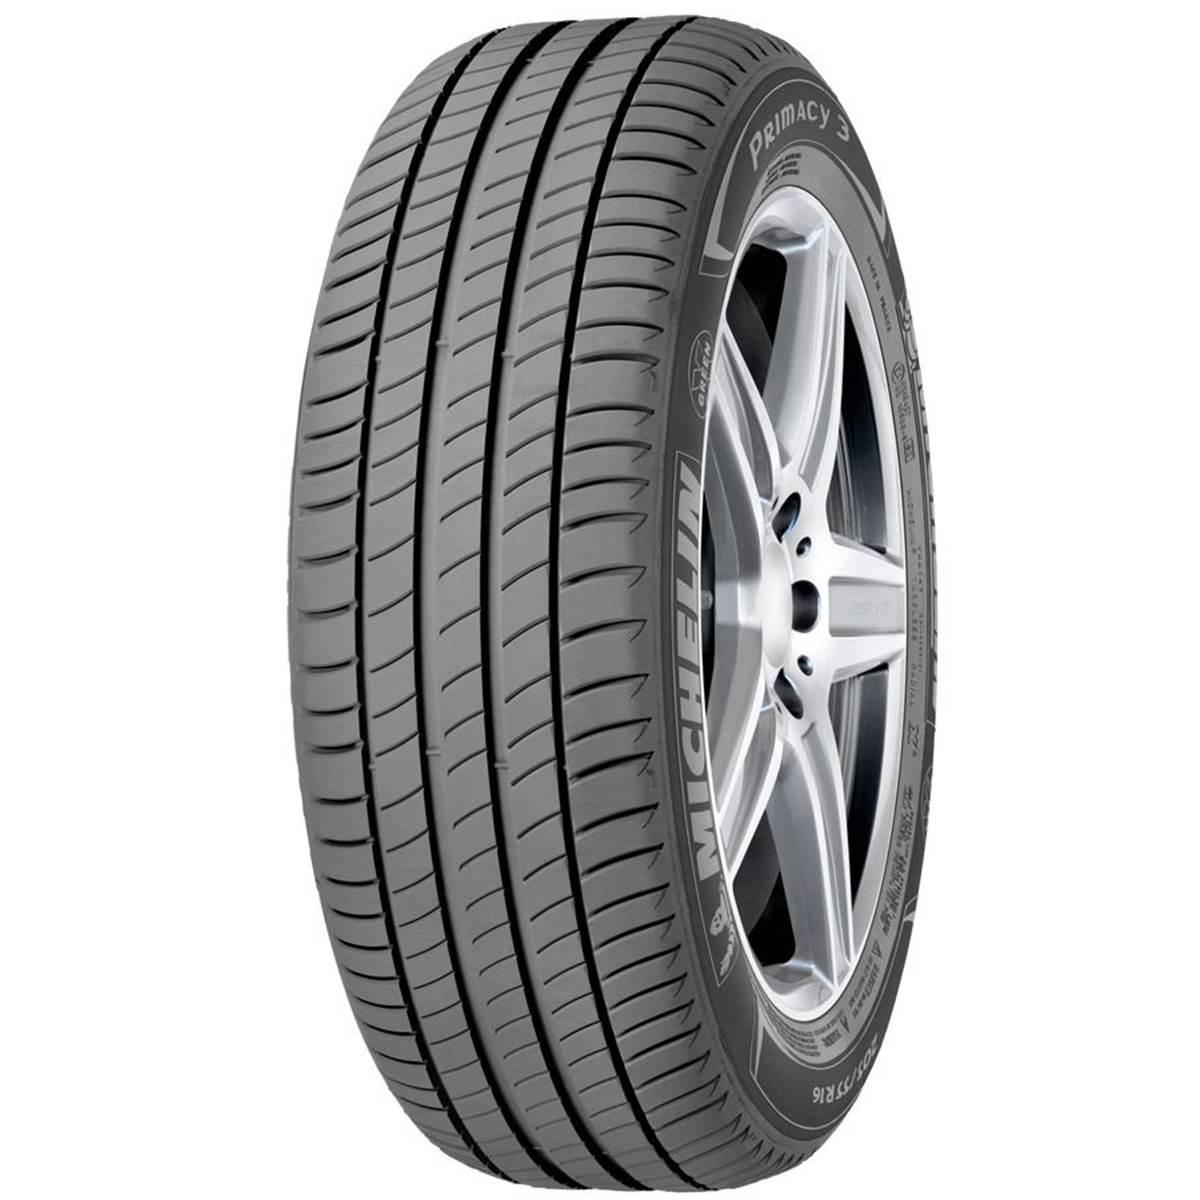 Pneu Michelin 225/50R17 98V Primacy 3 XL